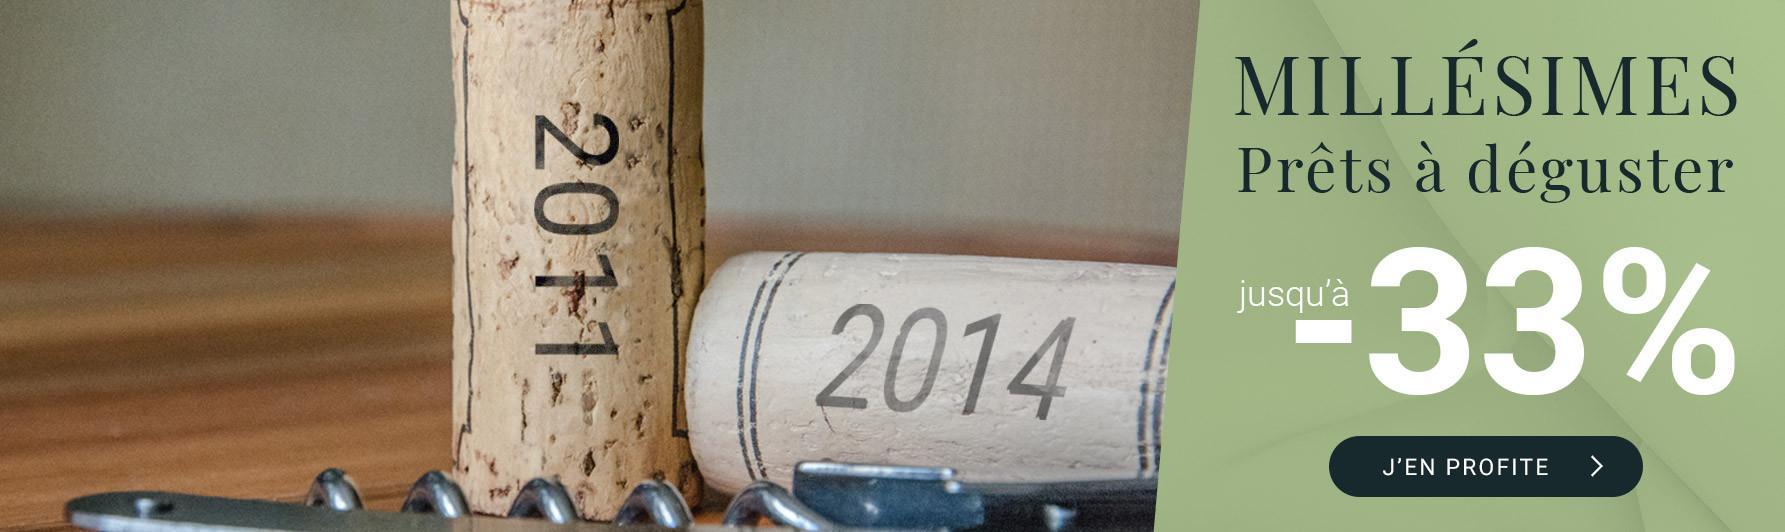 Prêts à déguster | Millésimes 2011 à 2014